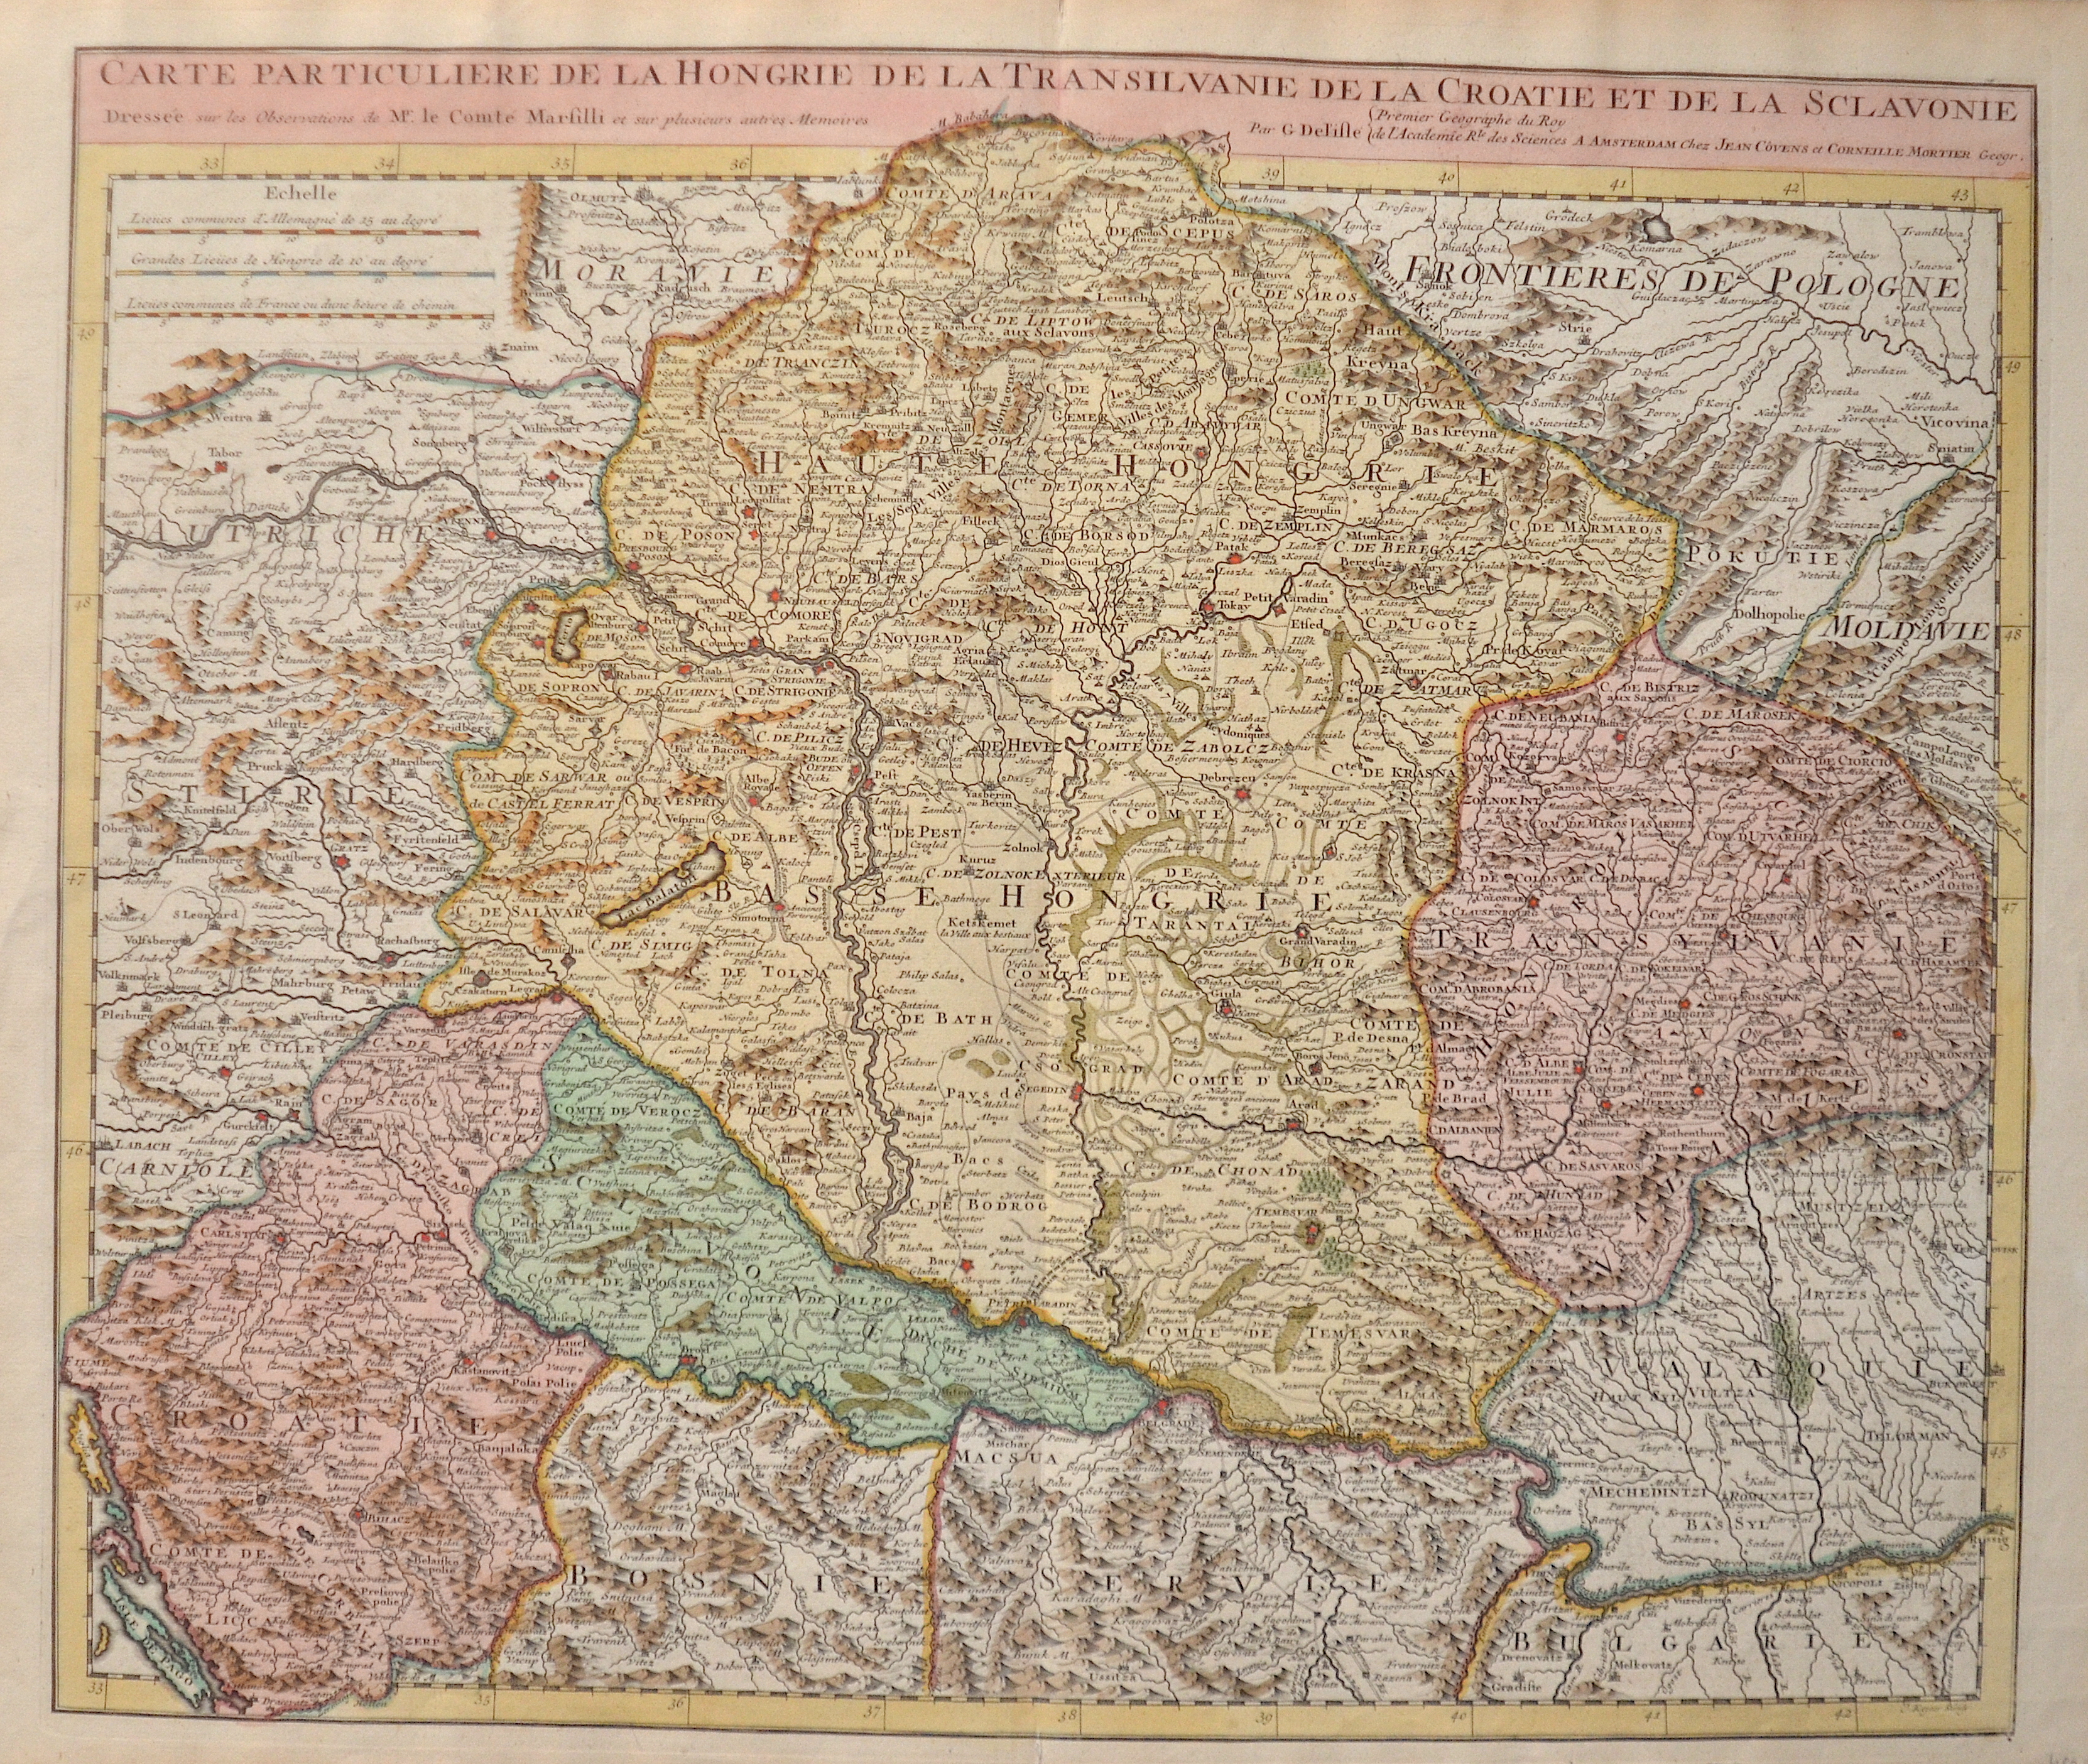 Covens/ Mortier  Carte particuliere de la Hongrie de la Transilvanie de la Coratie et de la Sclavonie